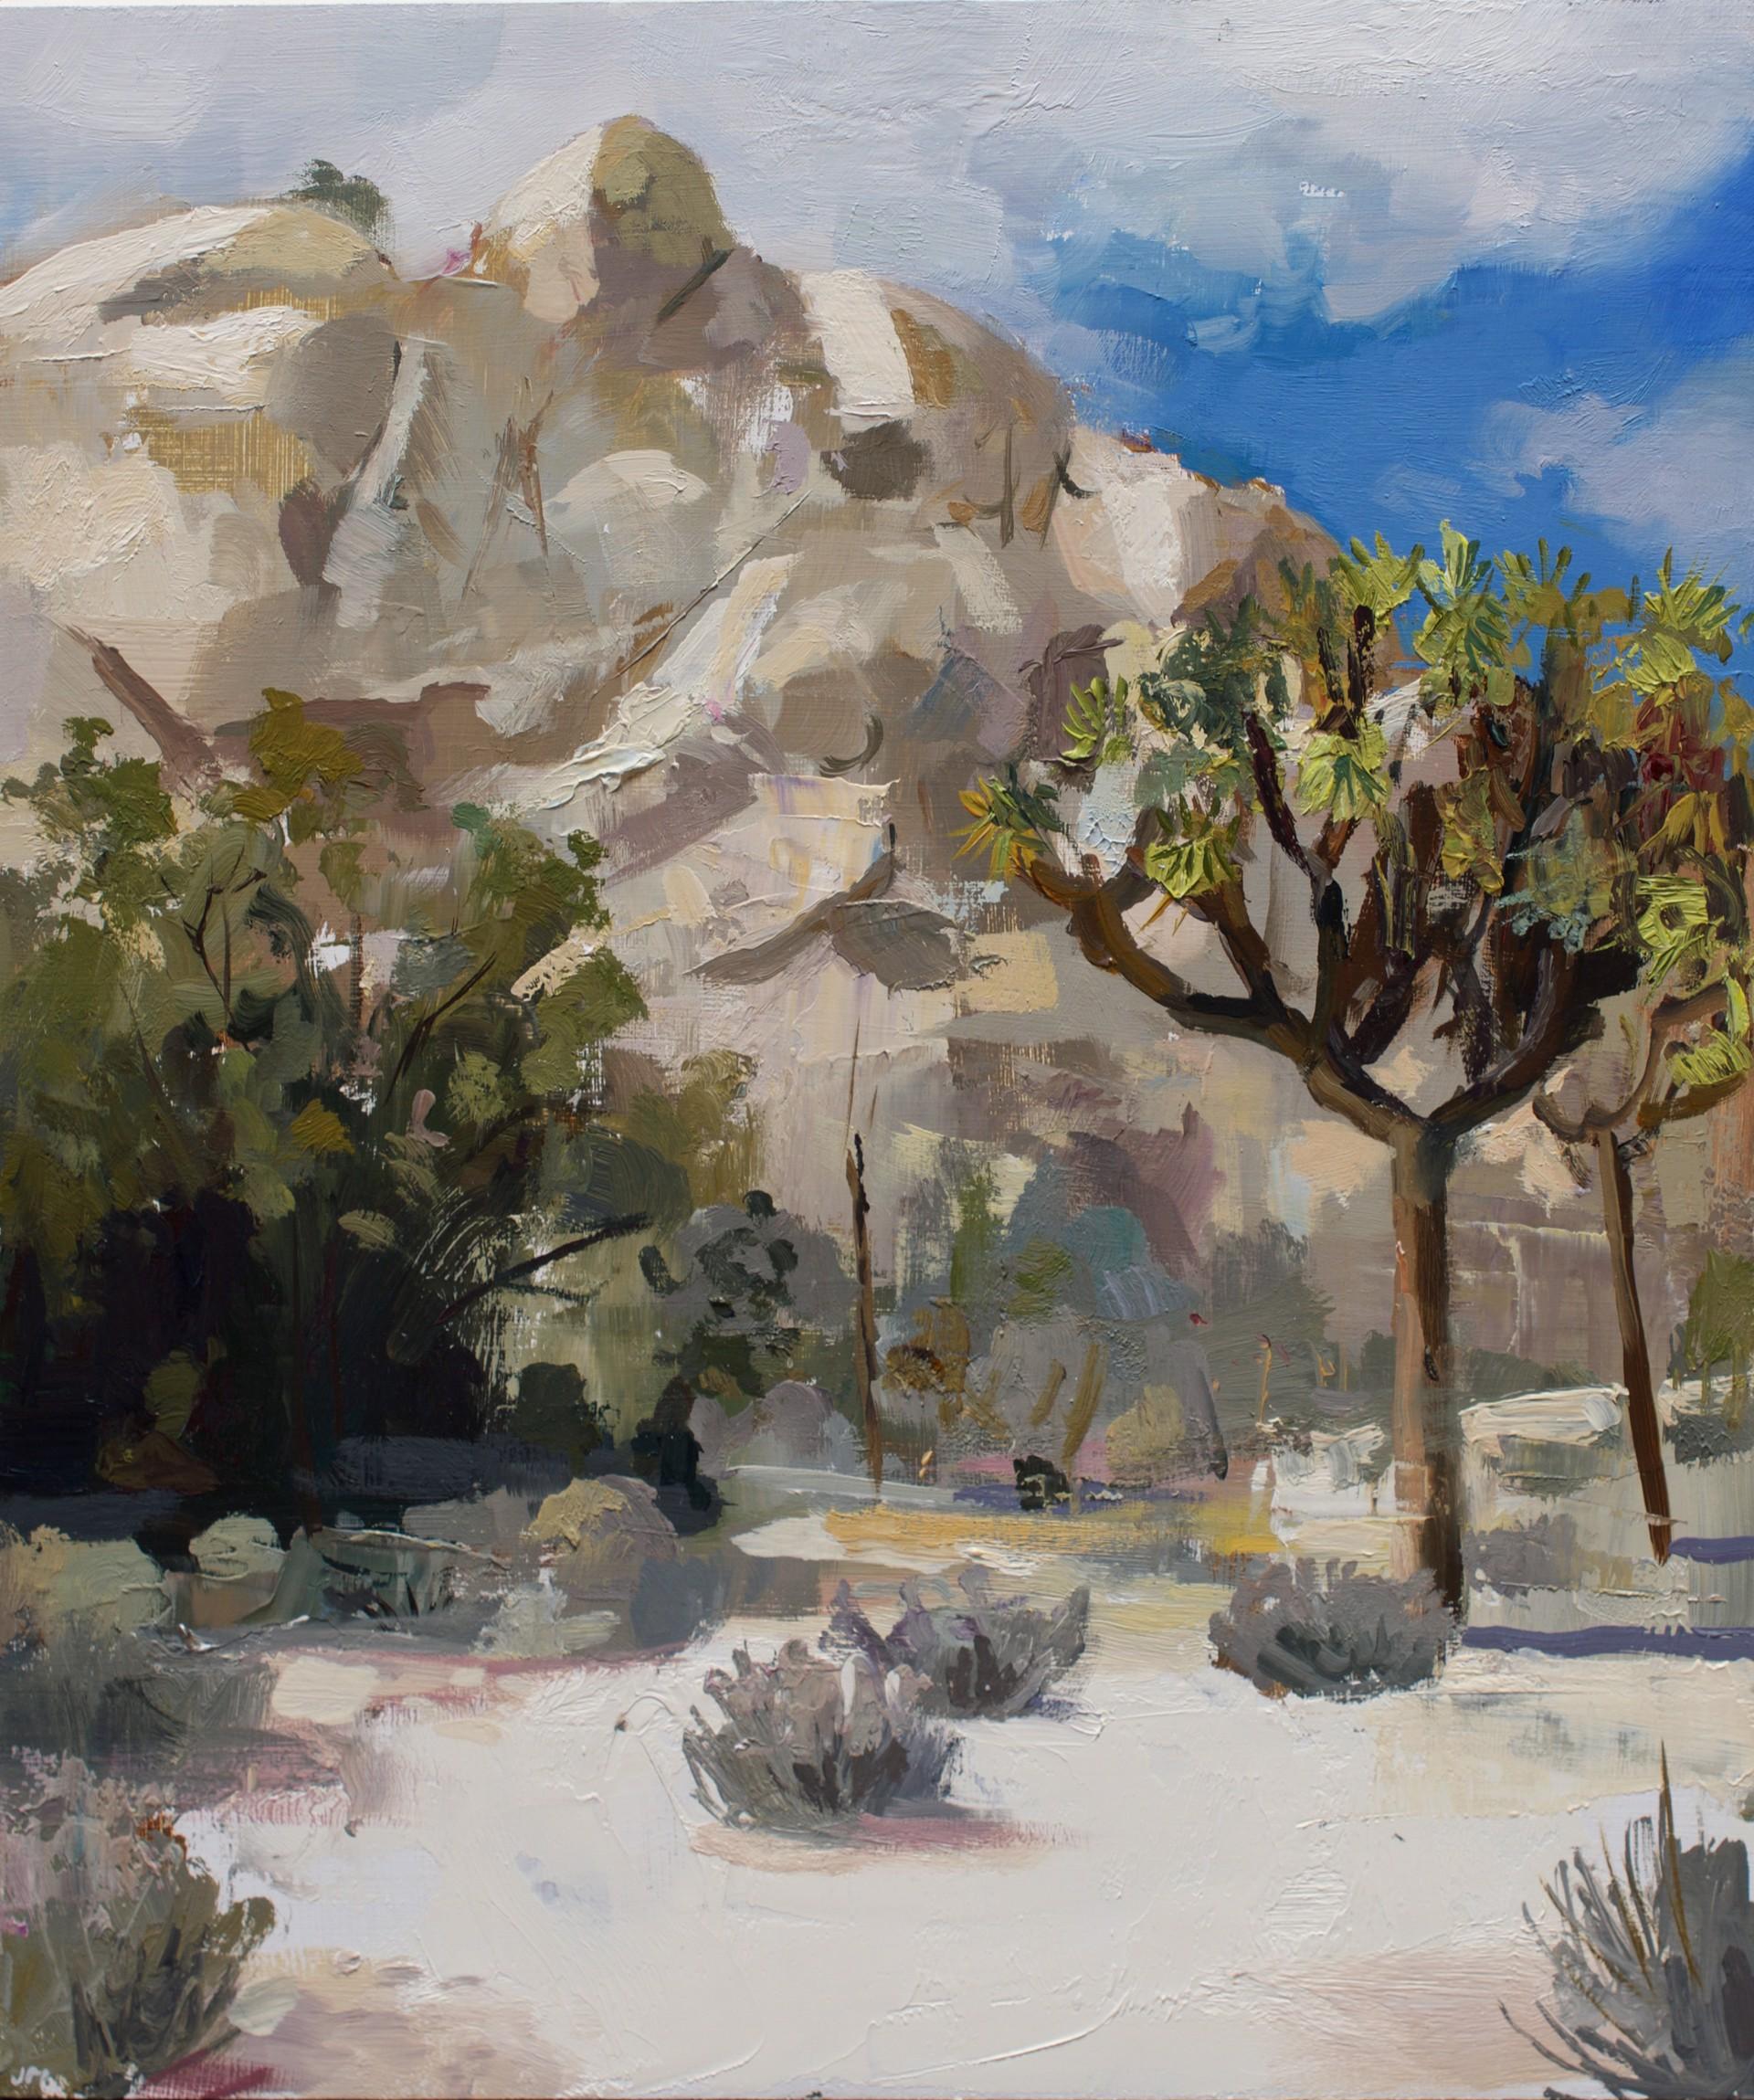 Joshua Tree by Jeremy Miranda